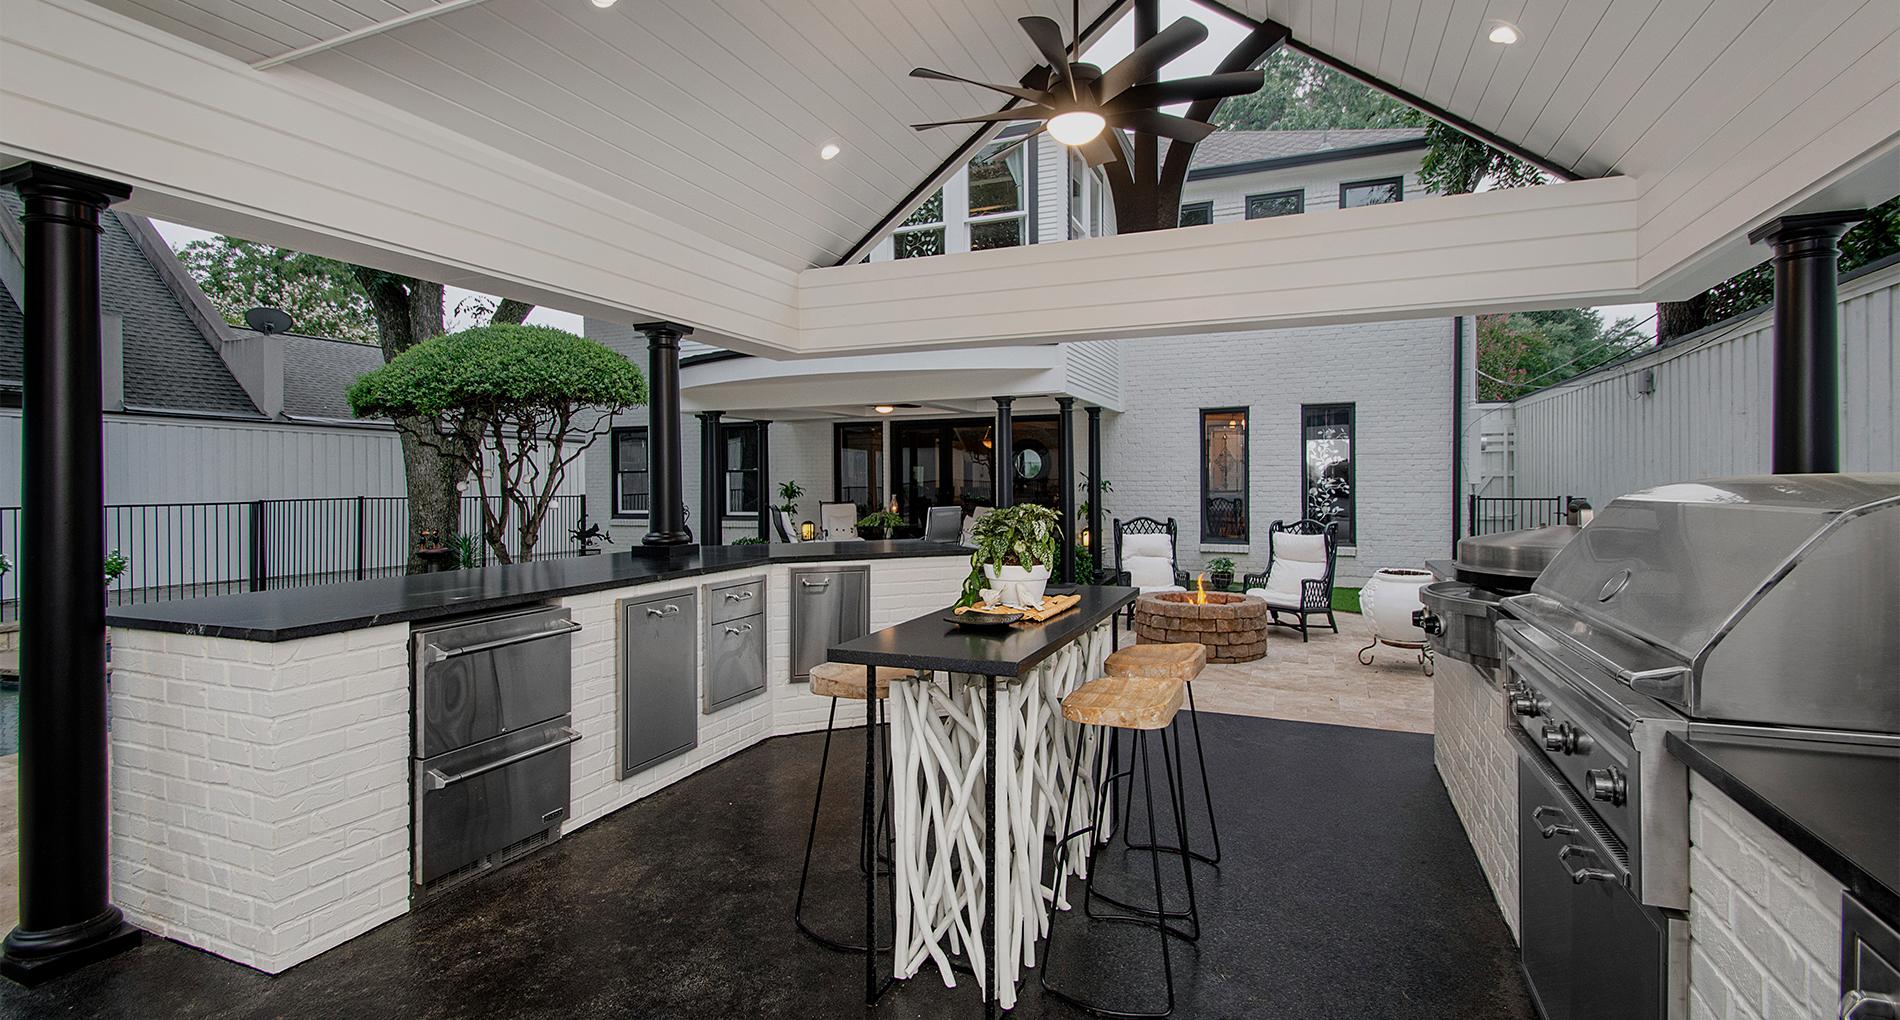 Kitchen-Remodel-Frisco-outdoorkitchen-Slider